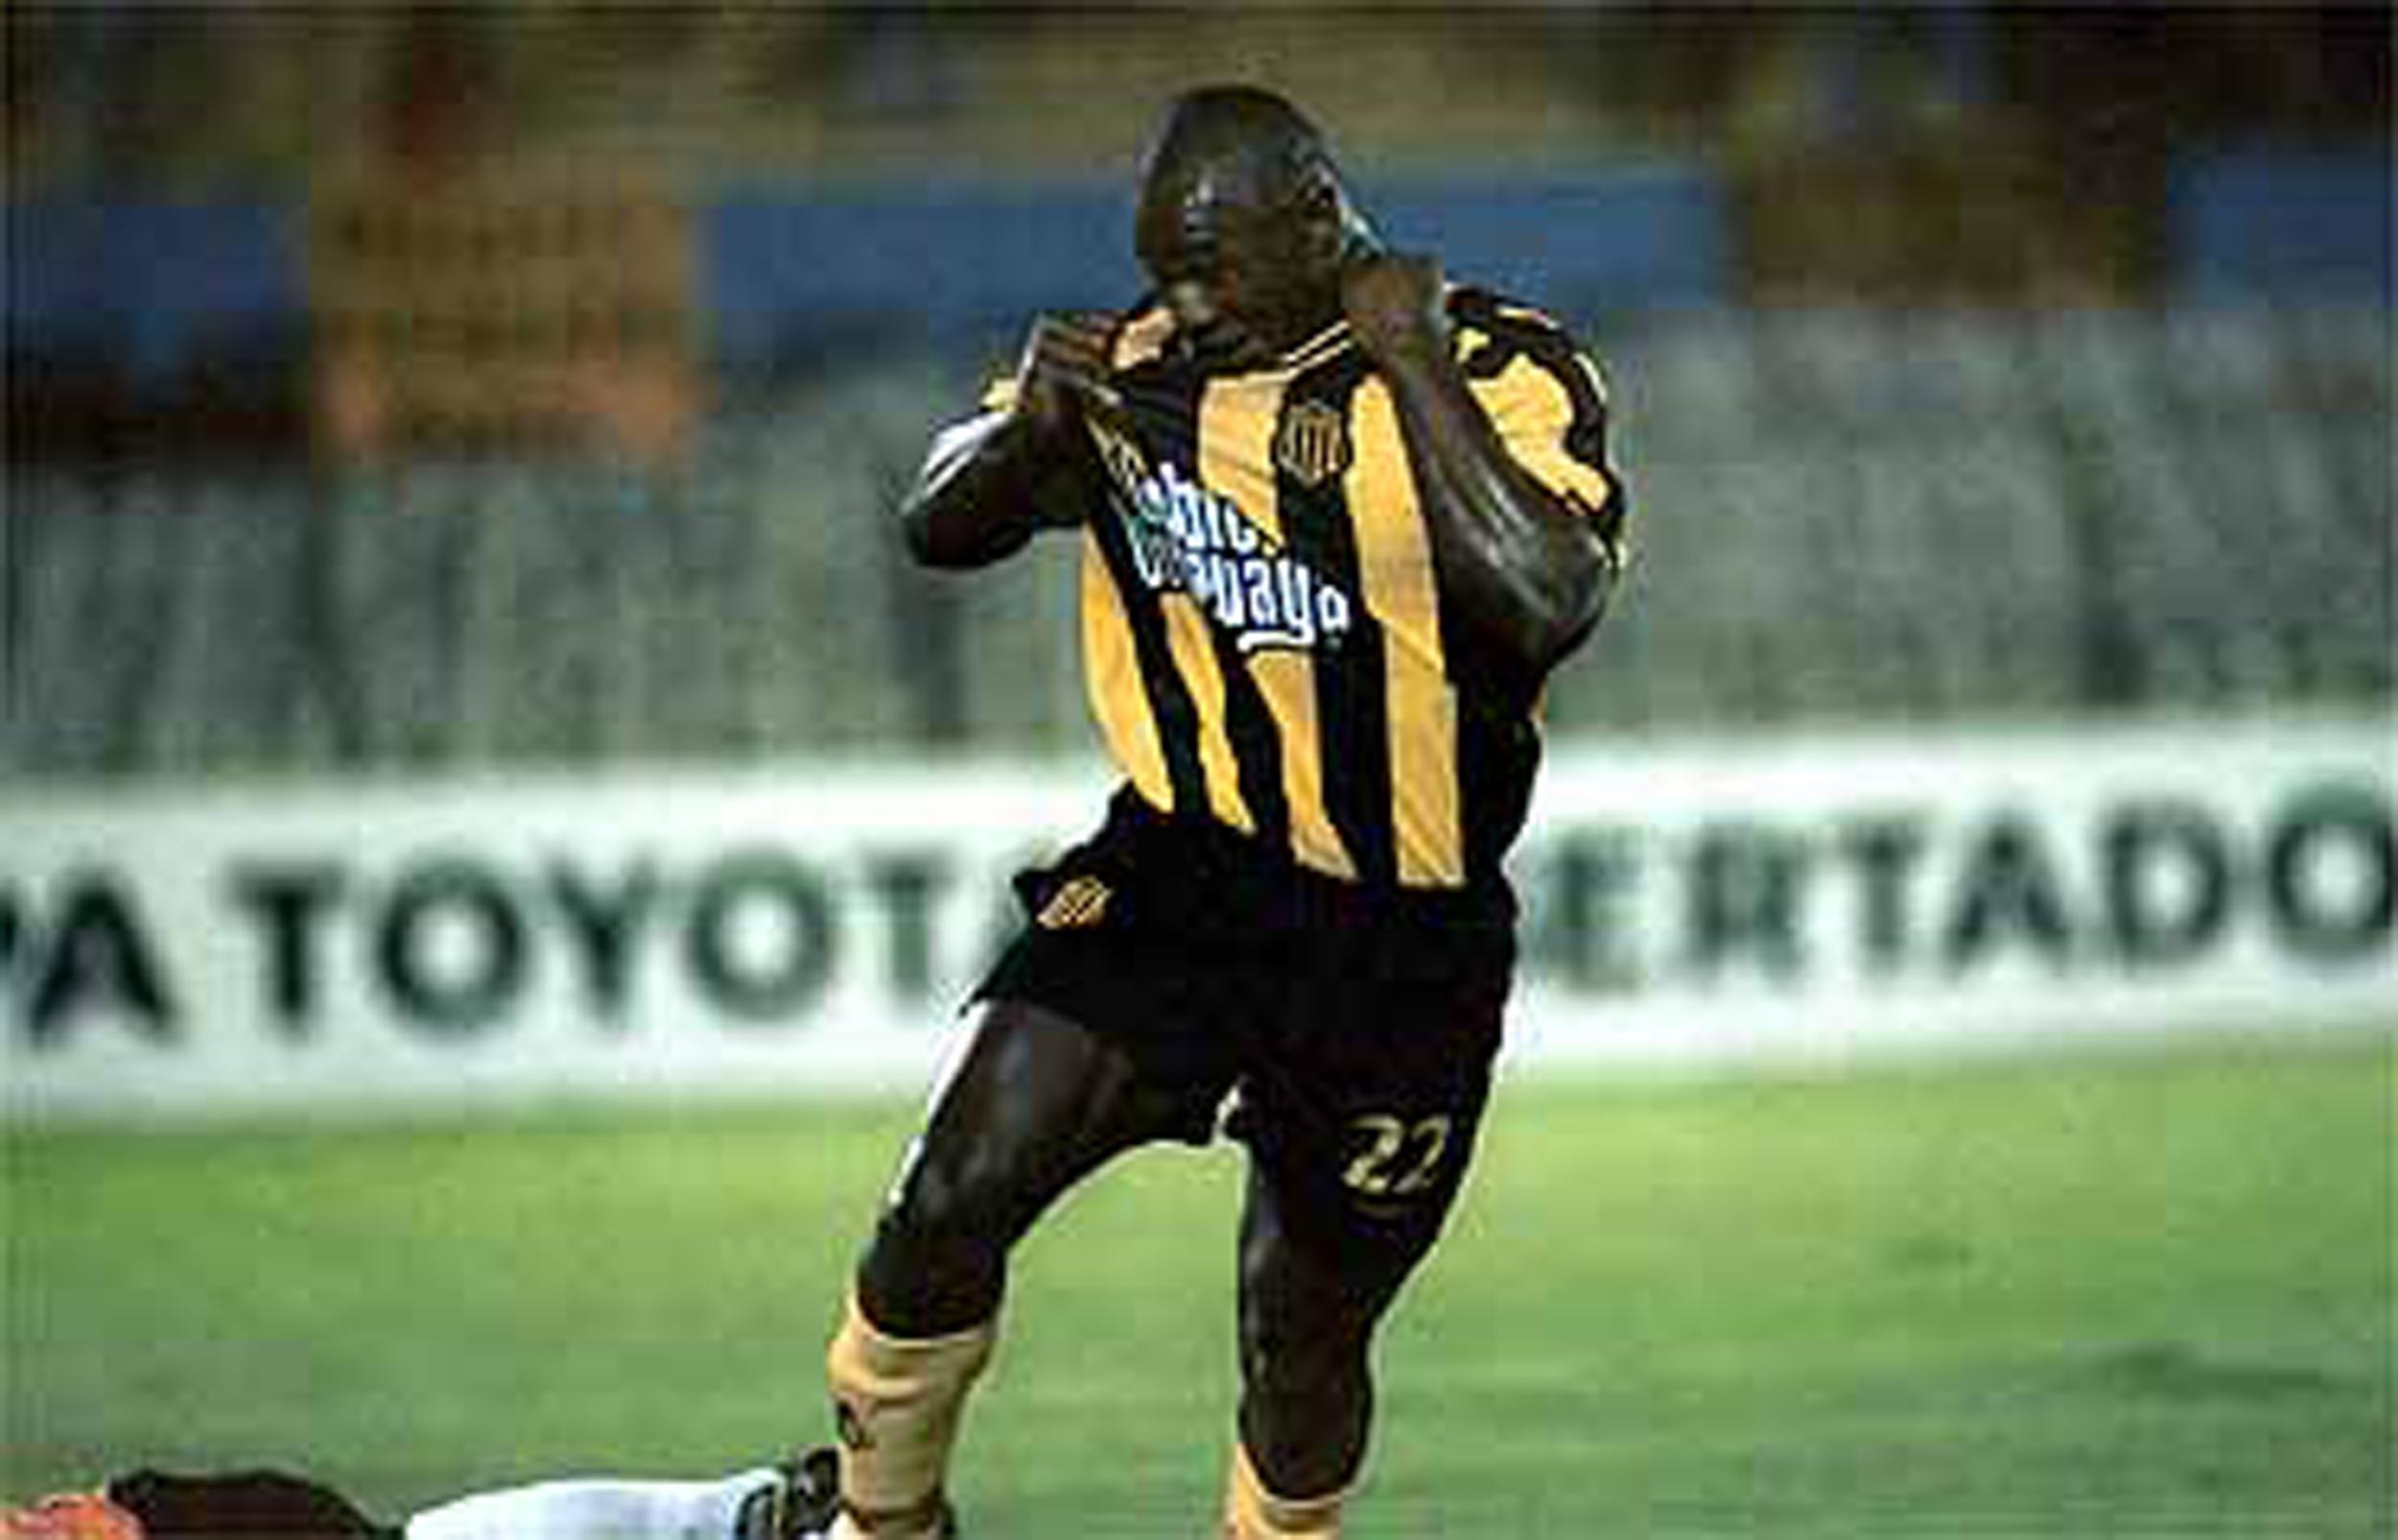 d36301c3e Vale destacar que ese año se dio el único gran triunfo de Doble Uruguaya en  la camiseta del manya  su logo quedó inmortalizado en los únicos 3 goles  hechos ...